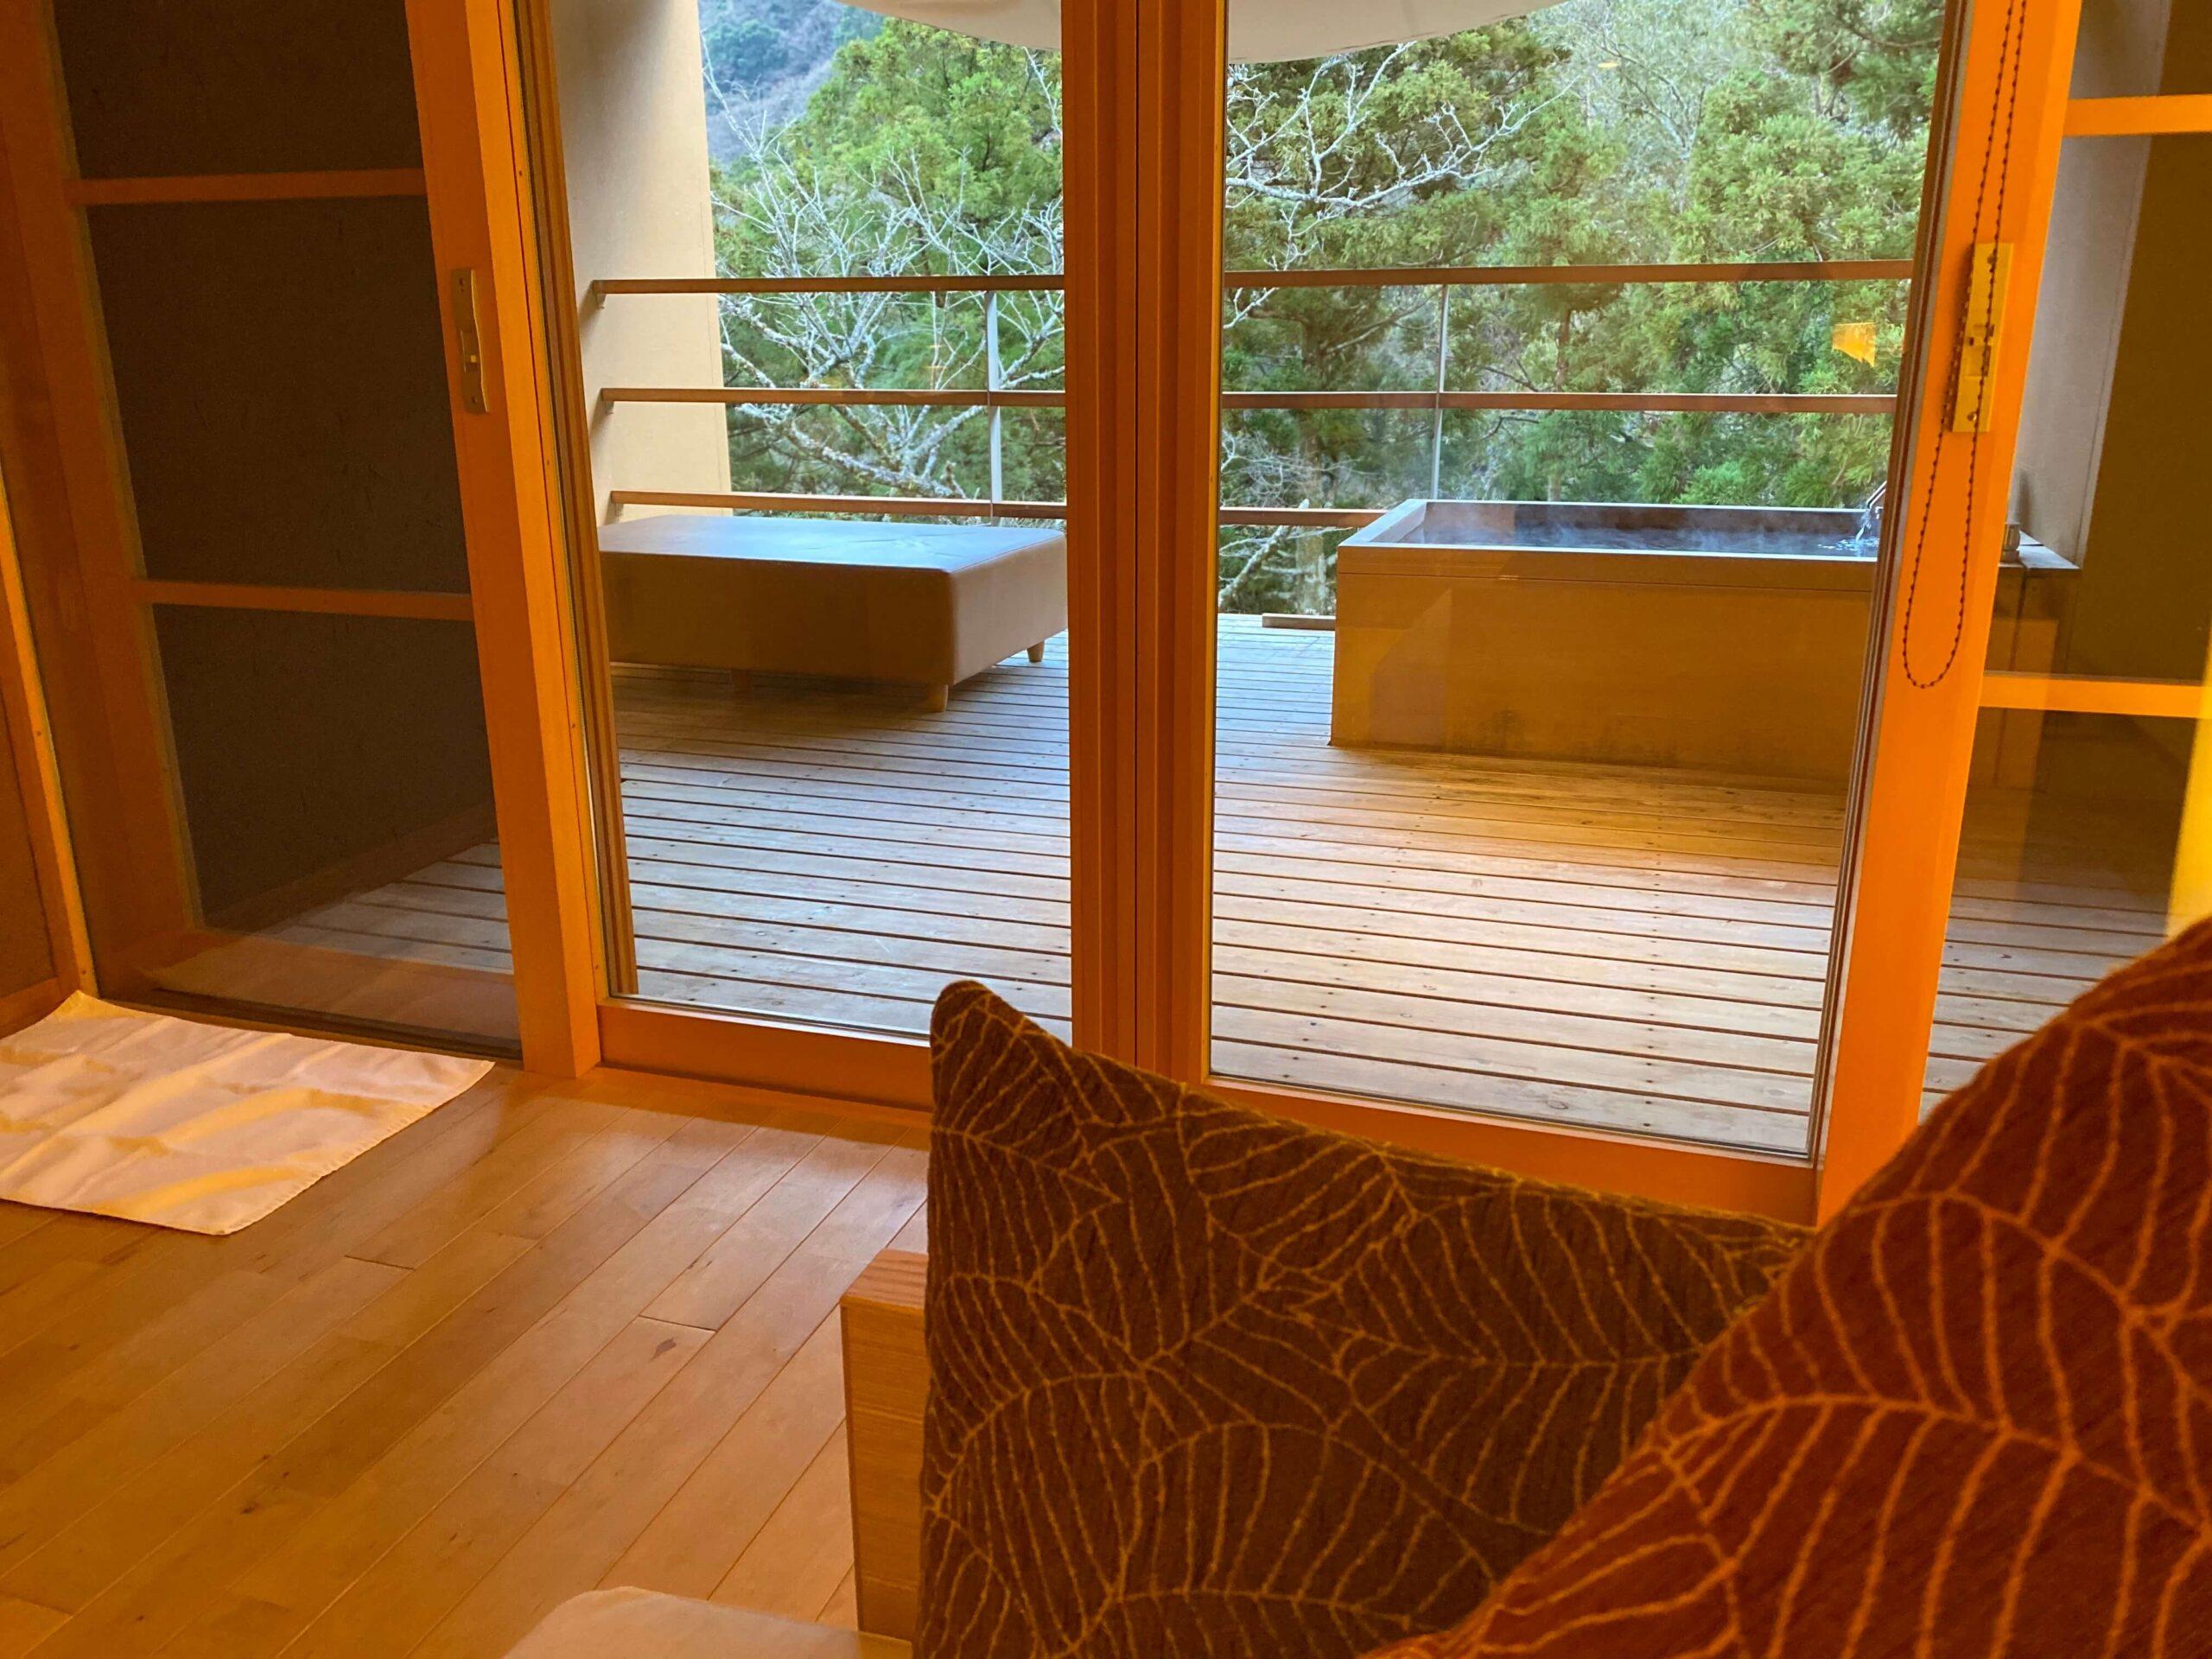 箱根の高級旅館:金の竹塔ノ沢グラブフロア雲のお部屋と露天風呂(慶太ブログ)